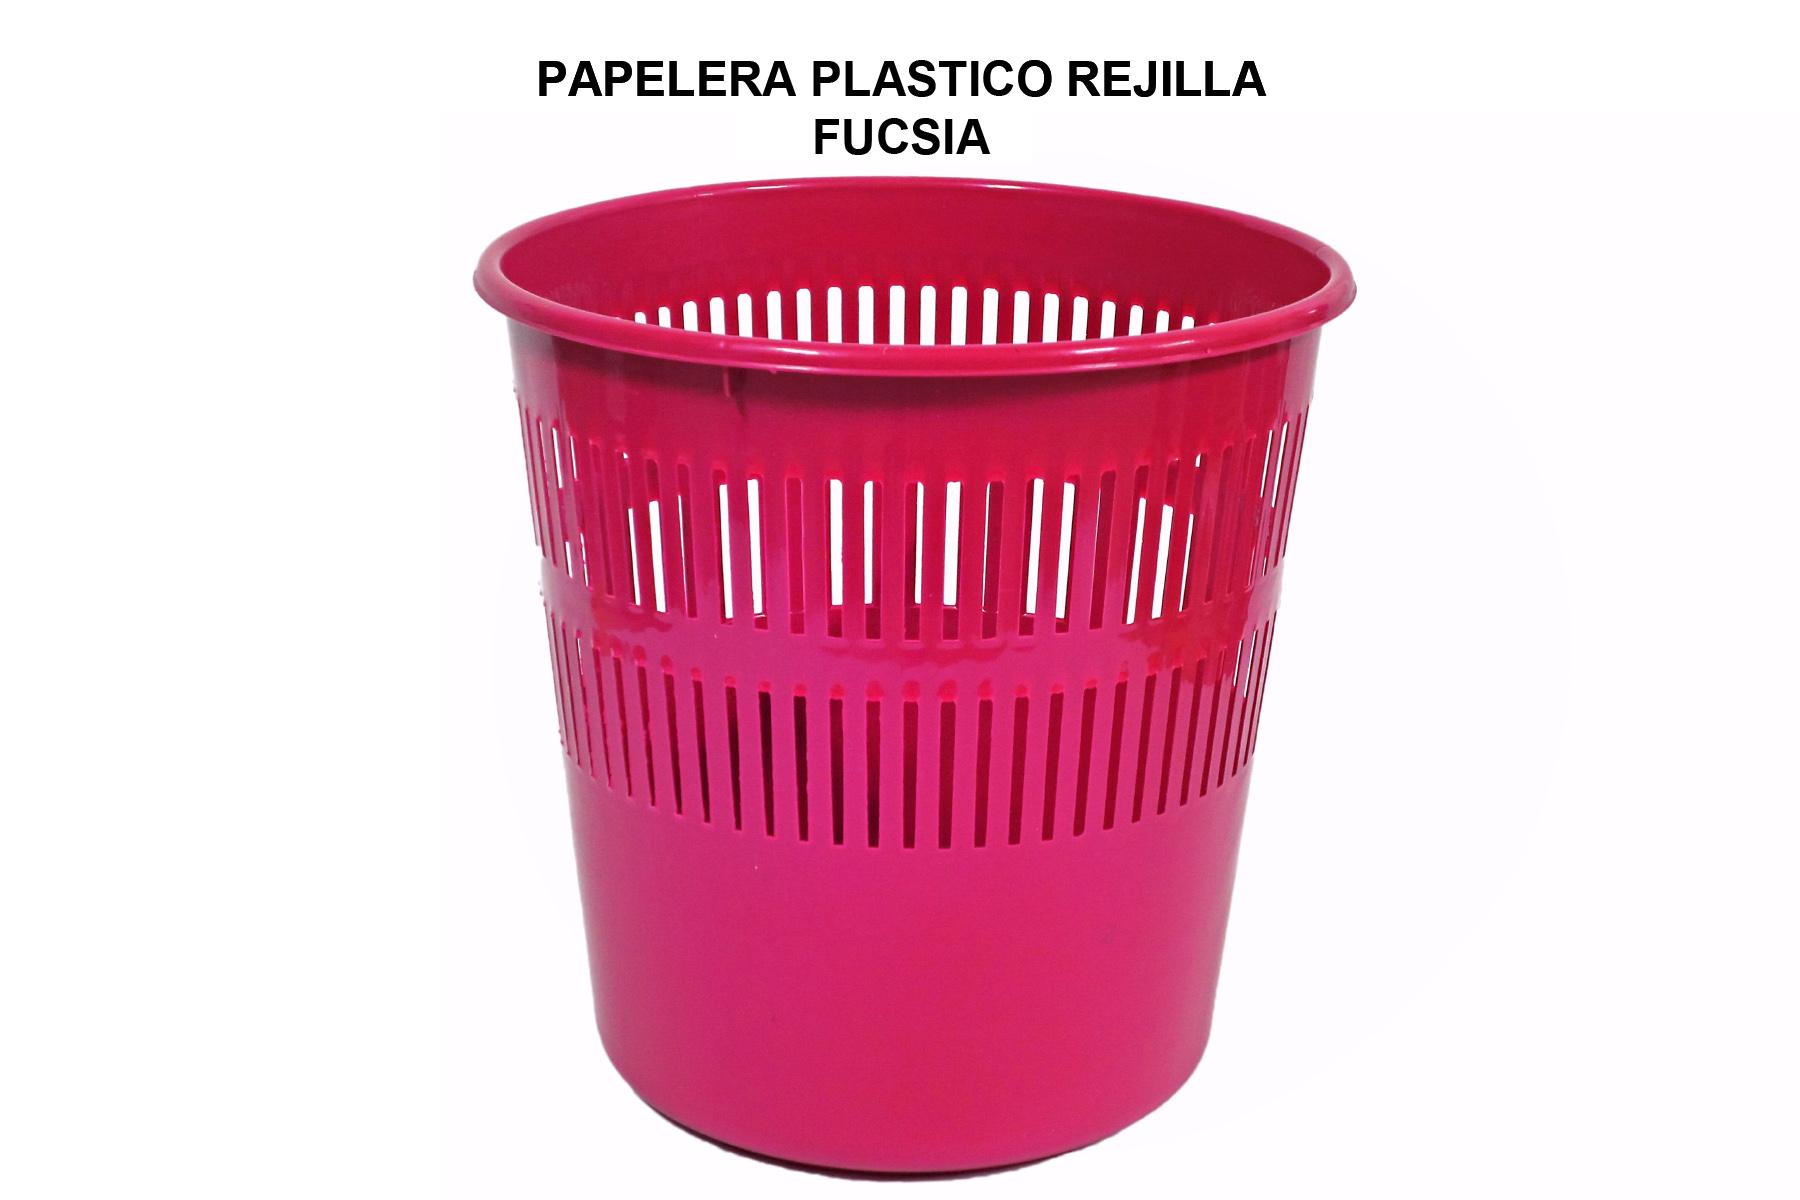 PAPELERA PLASTICO REJILLA FUCSIA